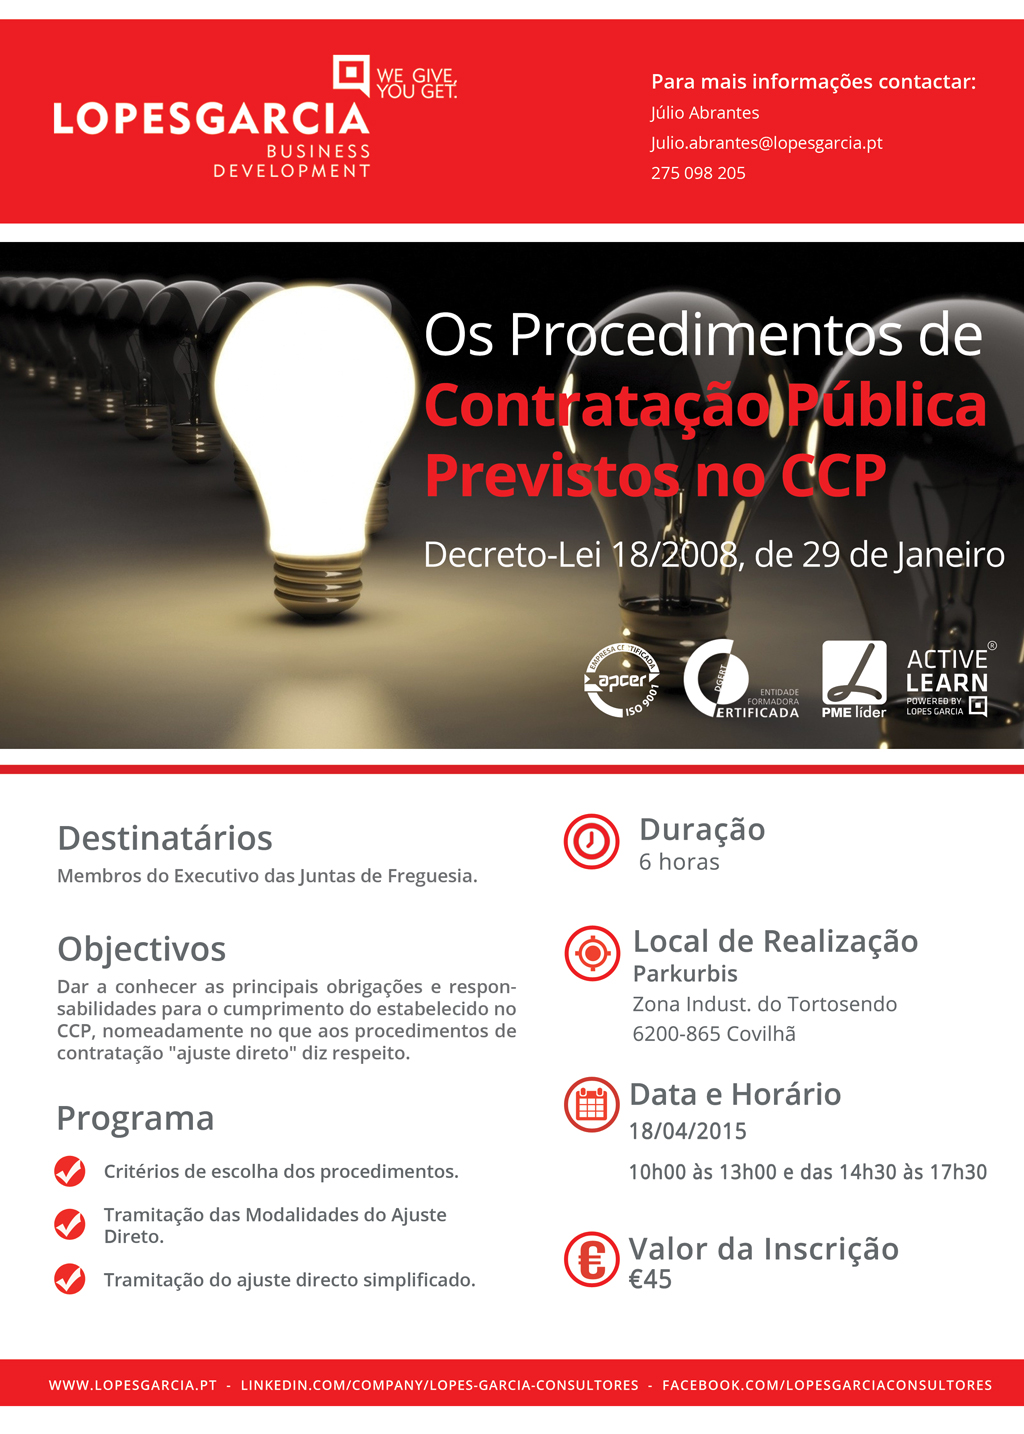 Contratacao_Publica